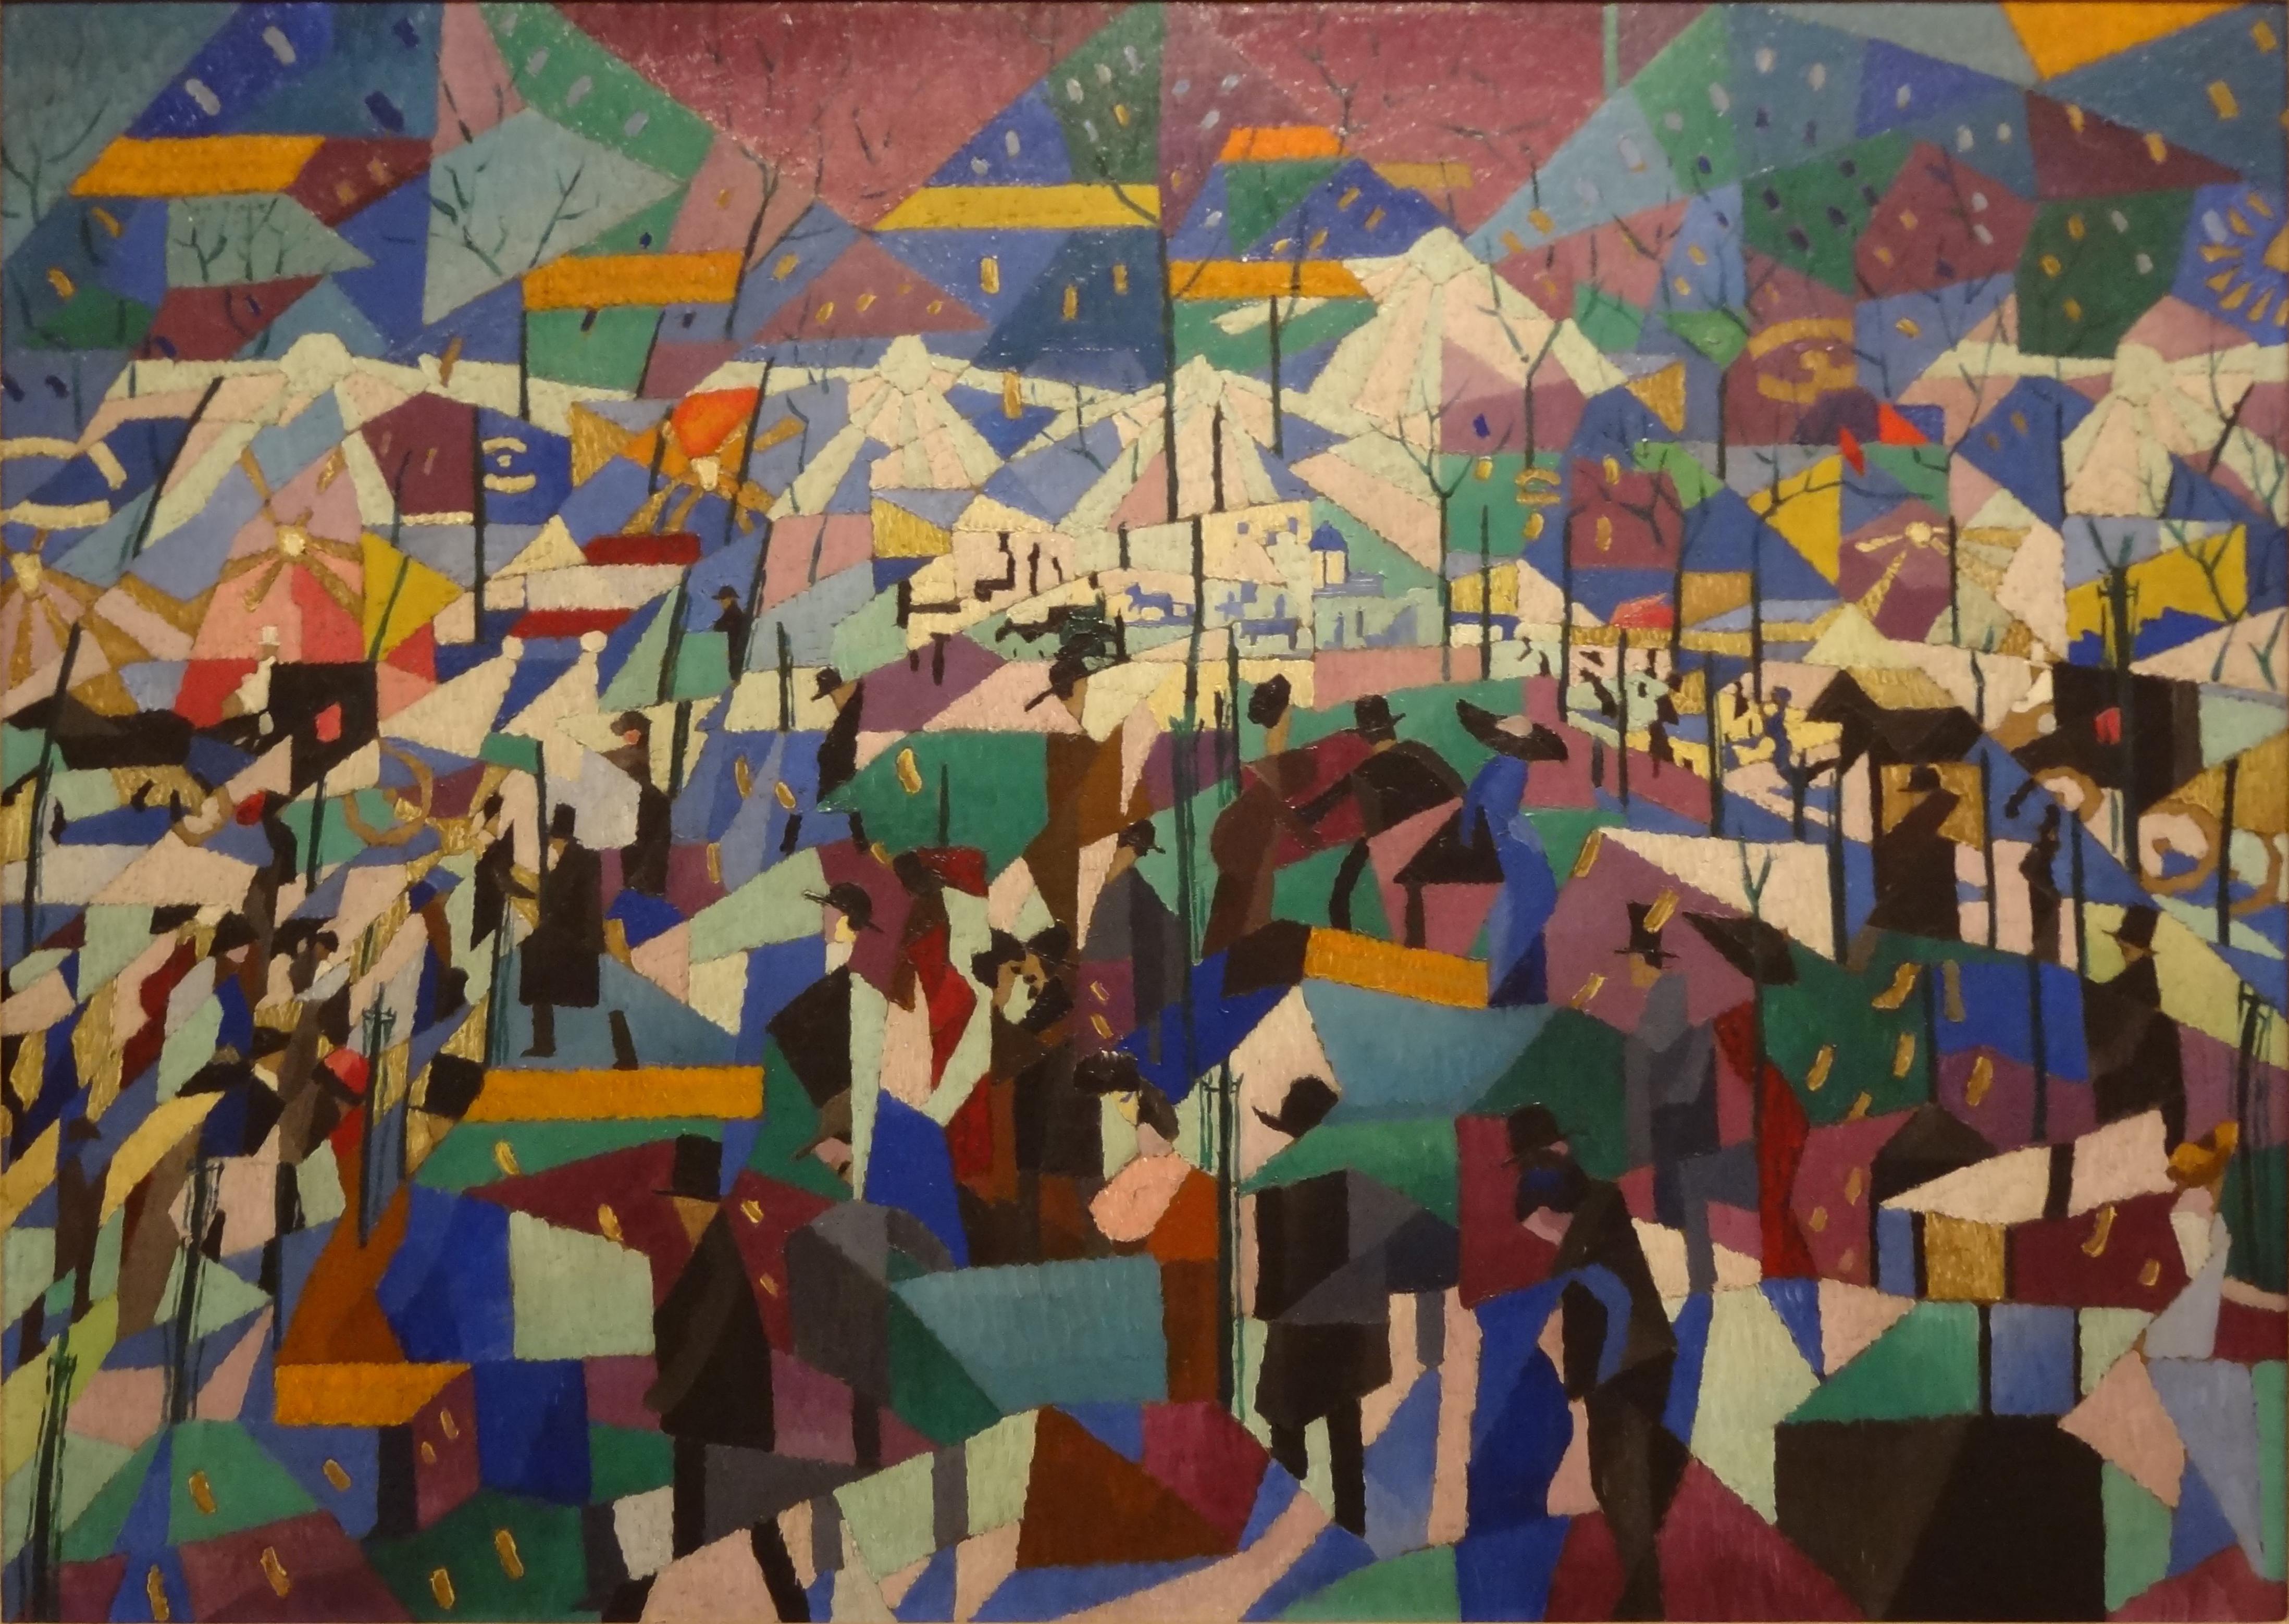 Gino Severini: Italian painter Biography, Life, Family